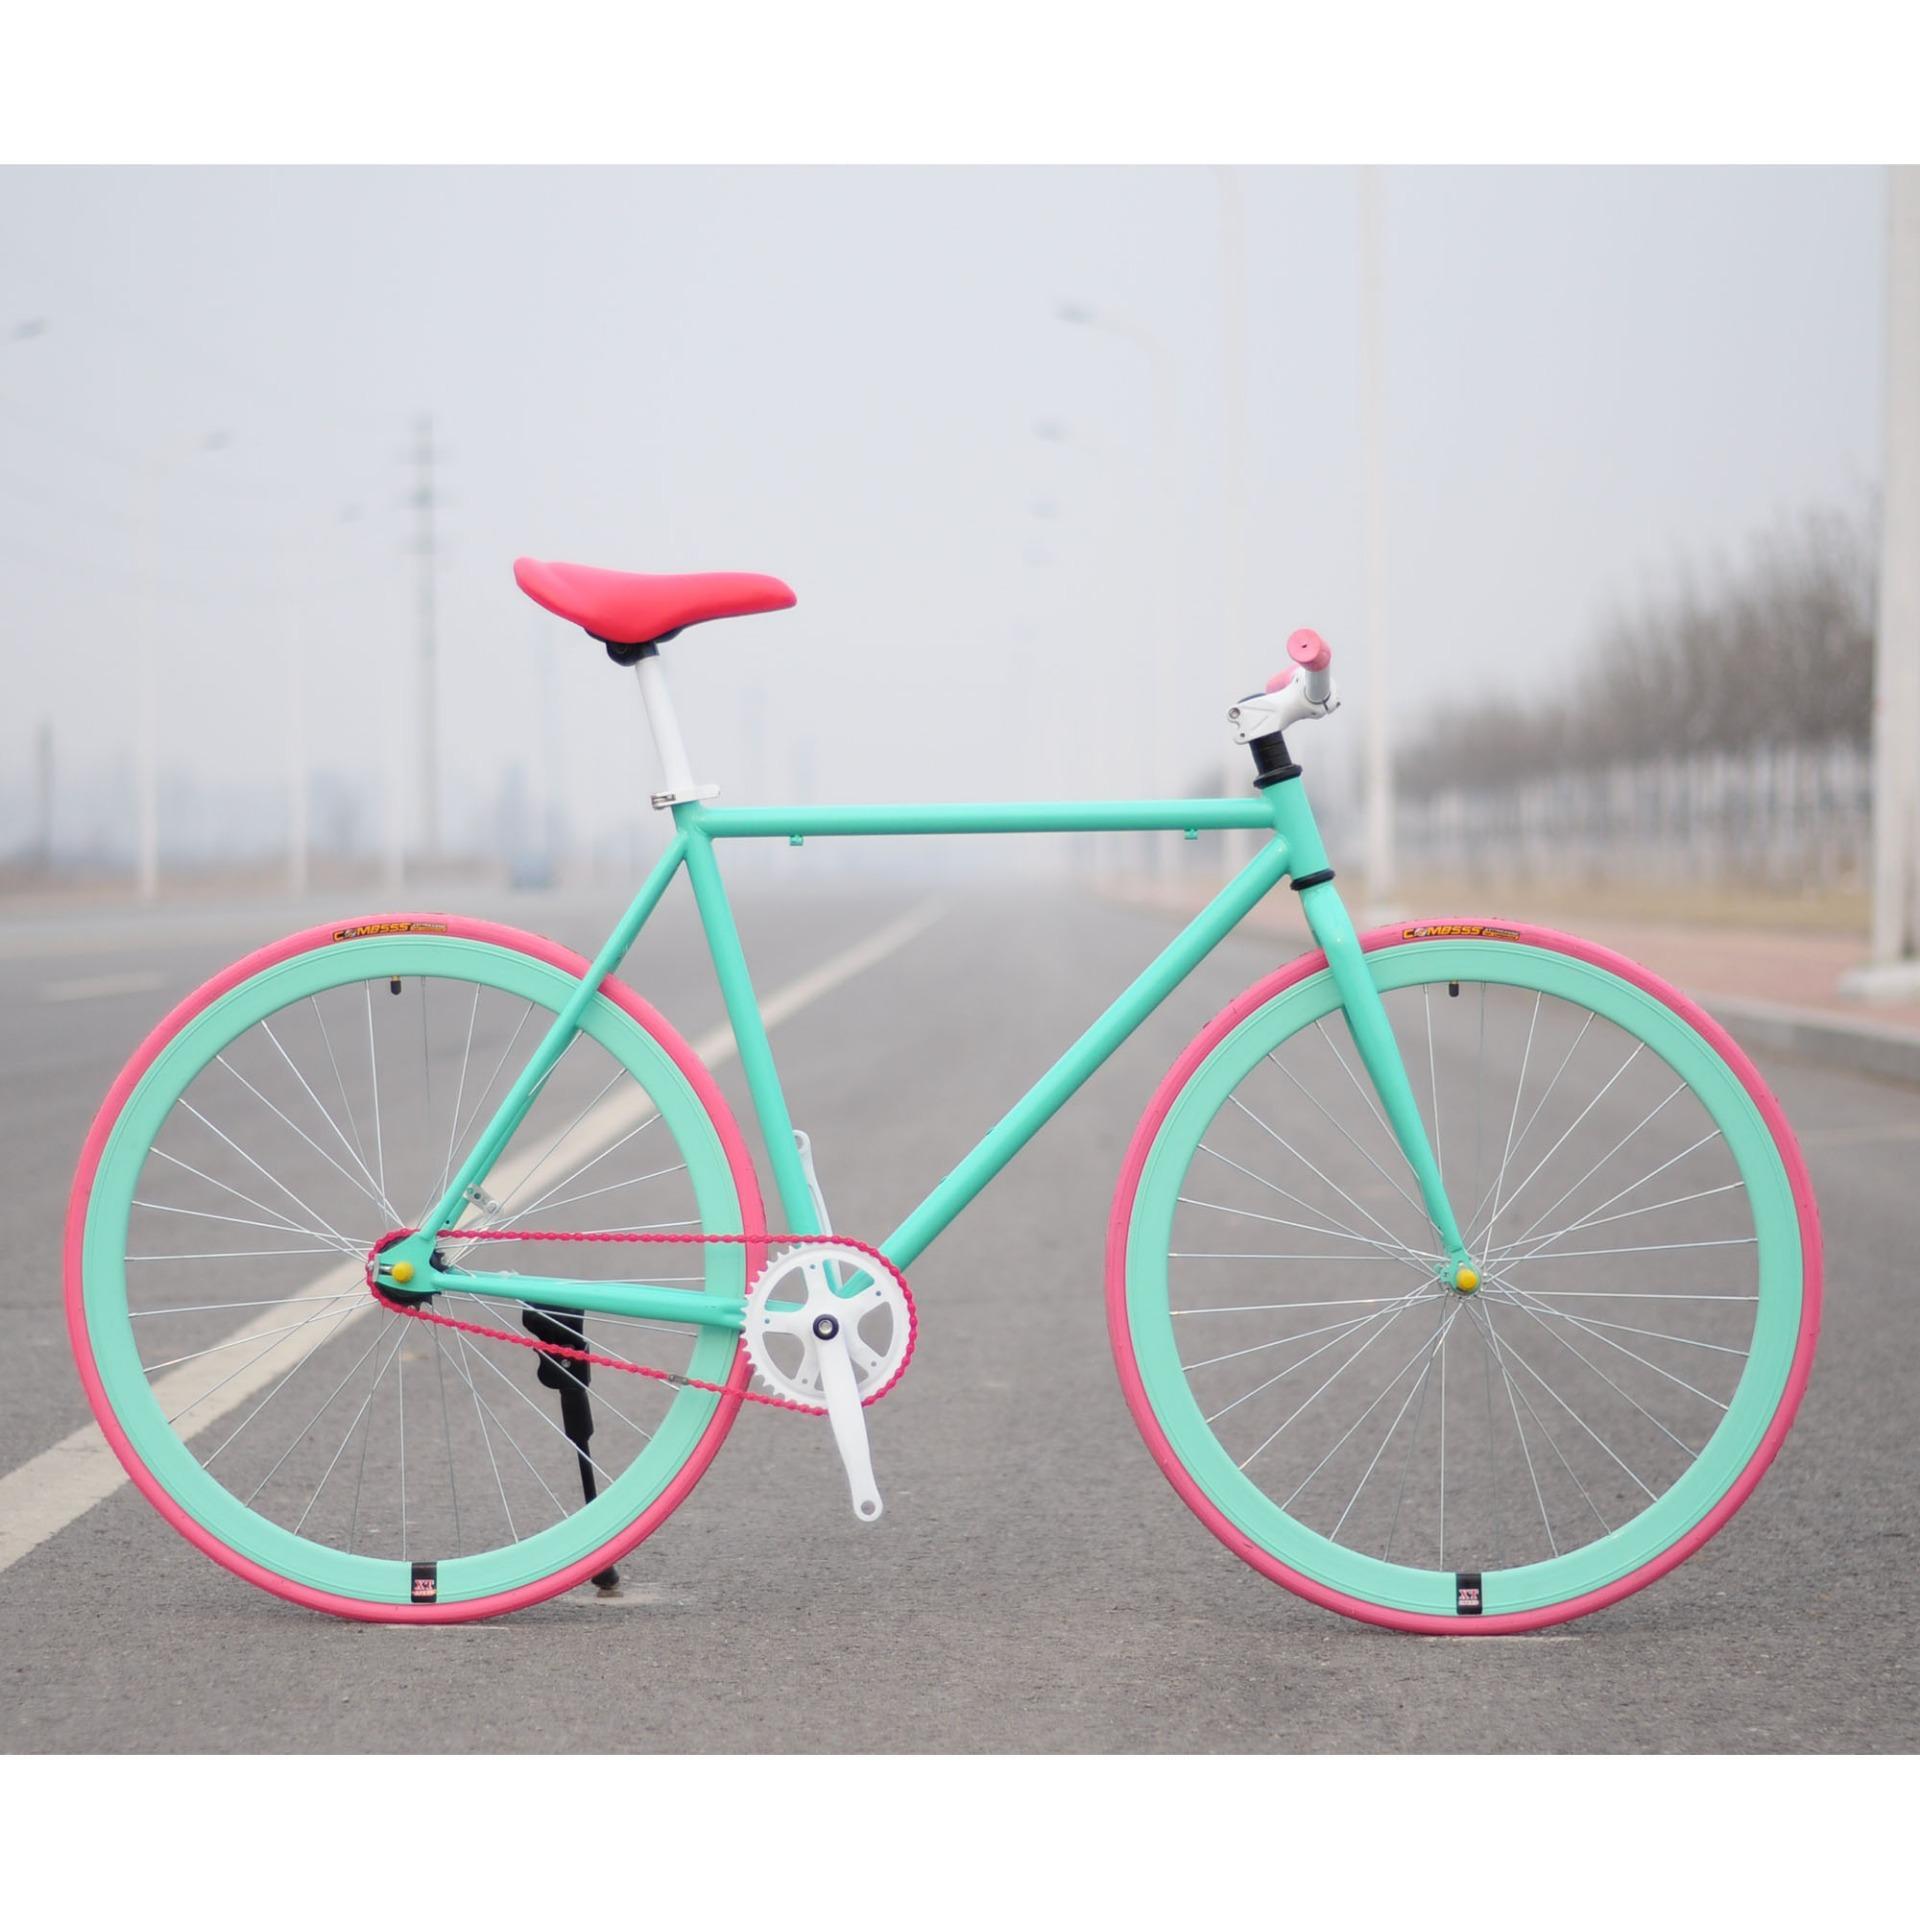 Xe đạp Fixed Gear Single Speed (Xanh ngọc lốp hồng)